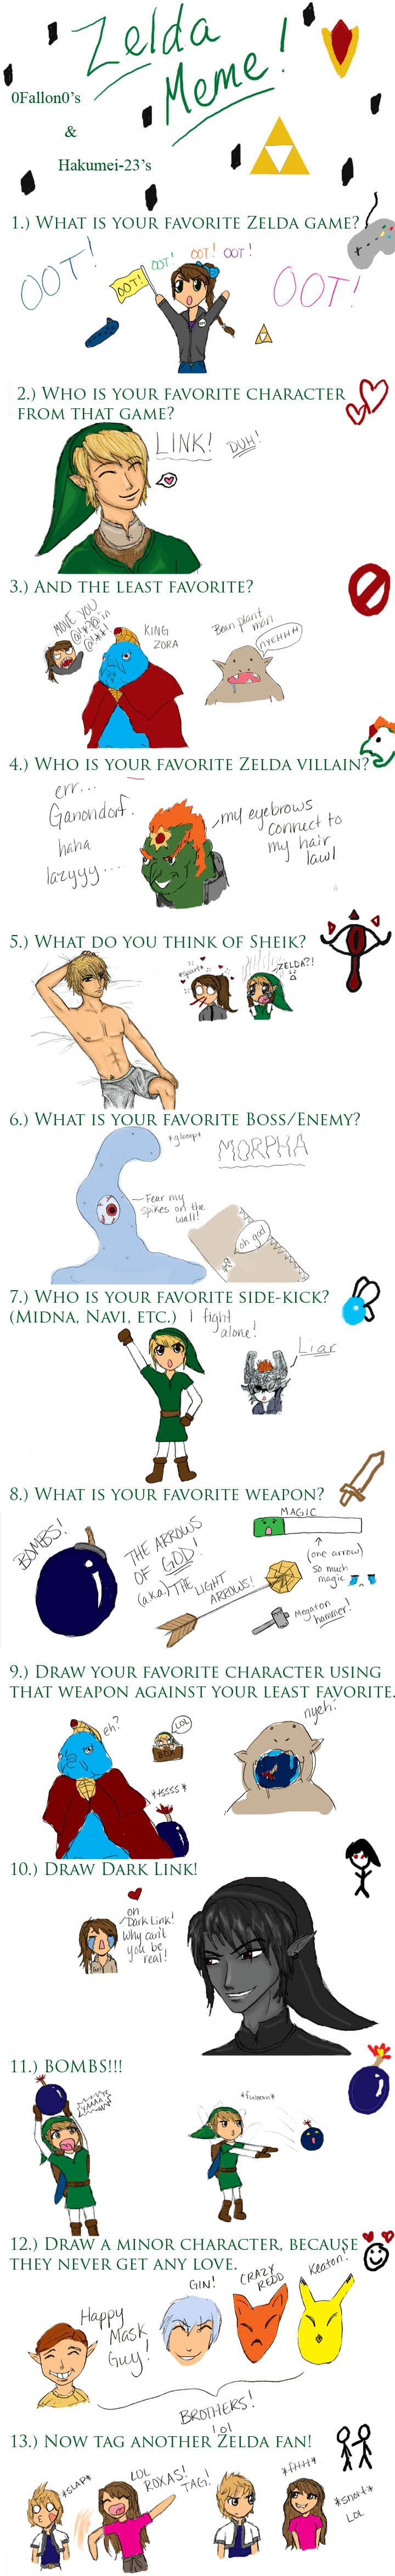 Zelda Meme Finished by 0Fallon0